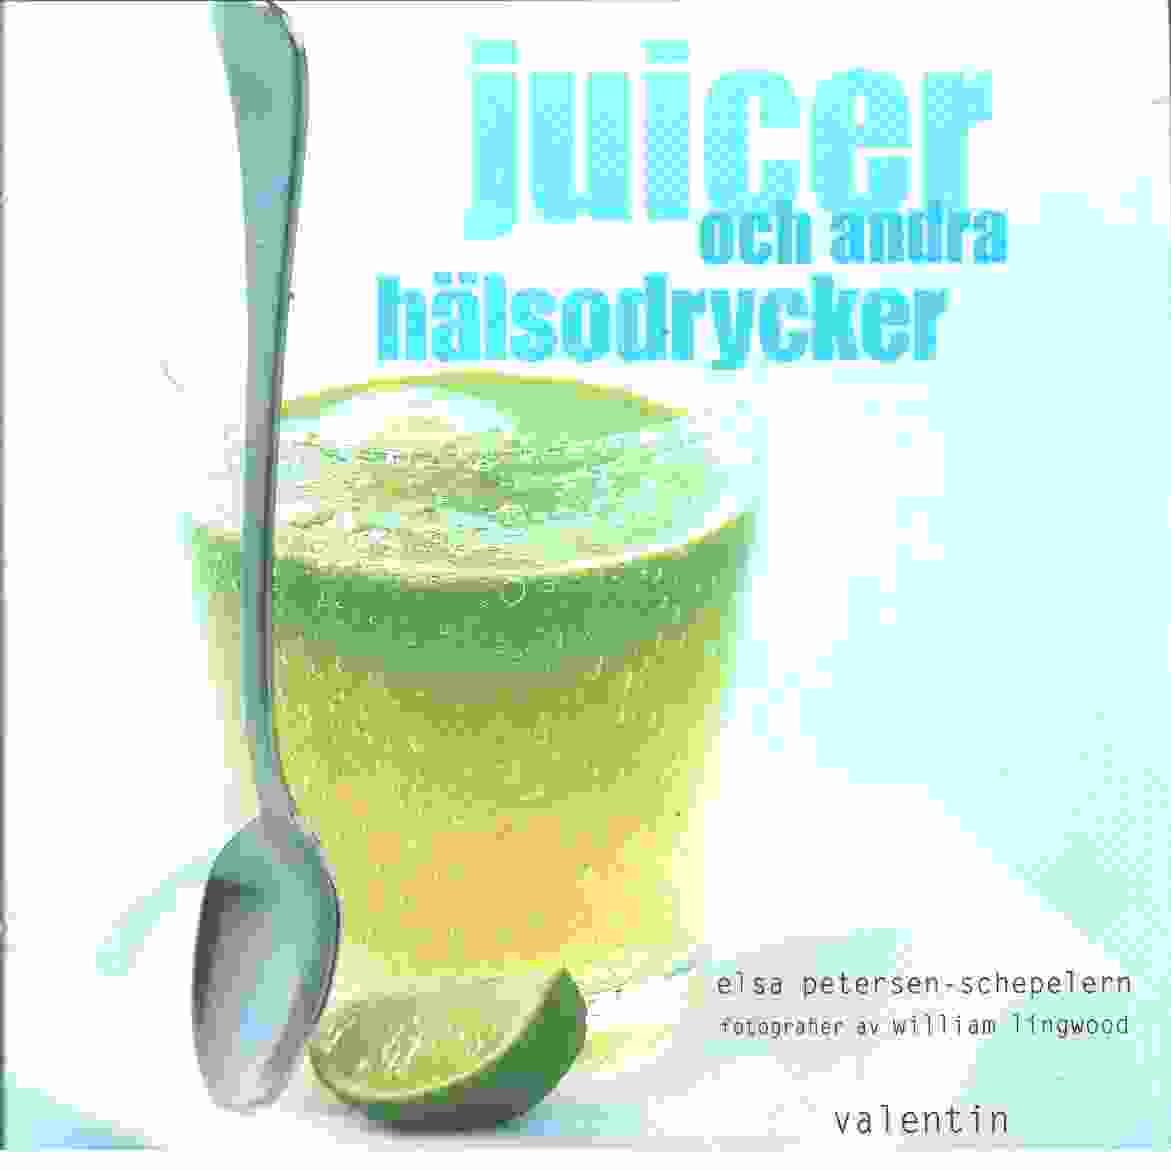 Juicer och andra hälsodrycker - Petersen-Schepelern, Elsa